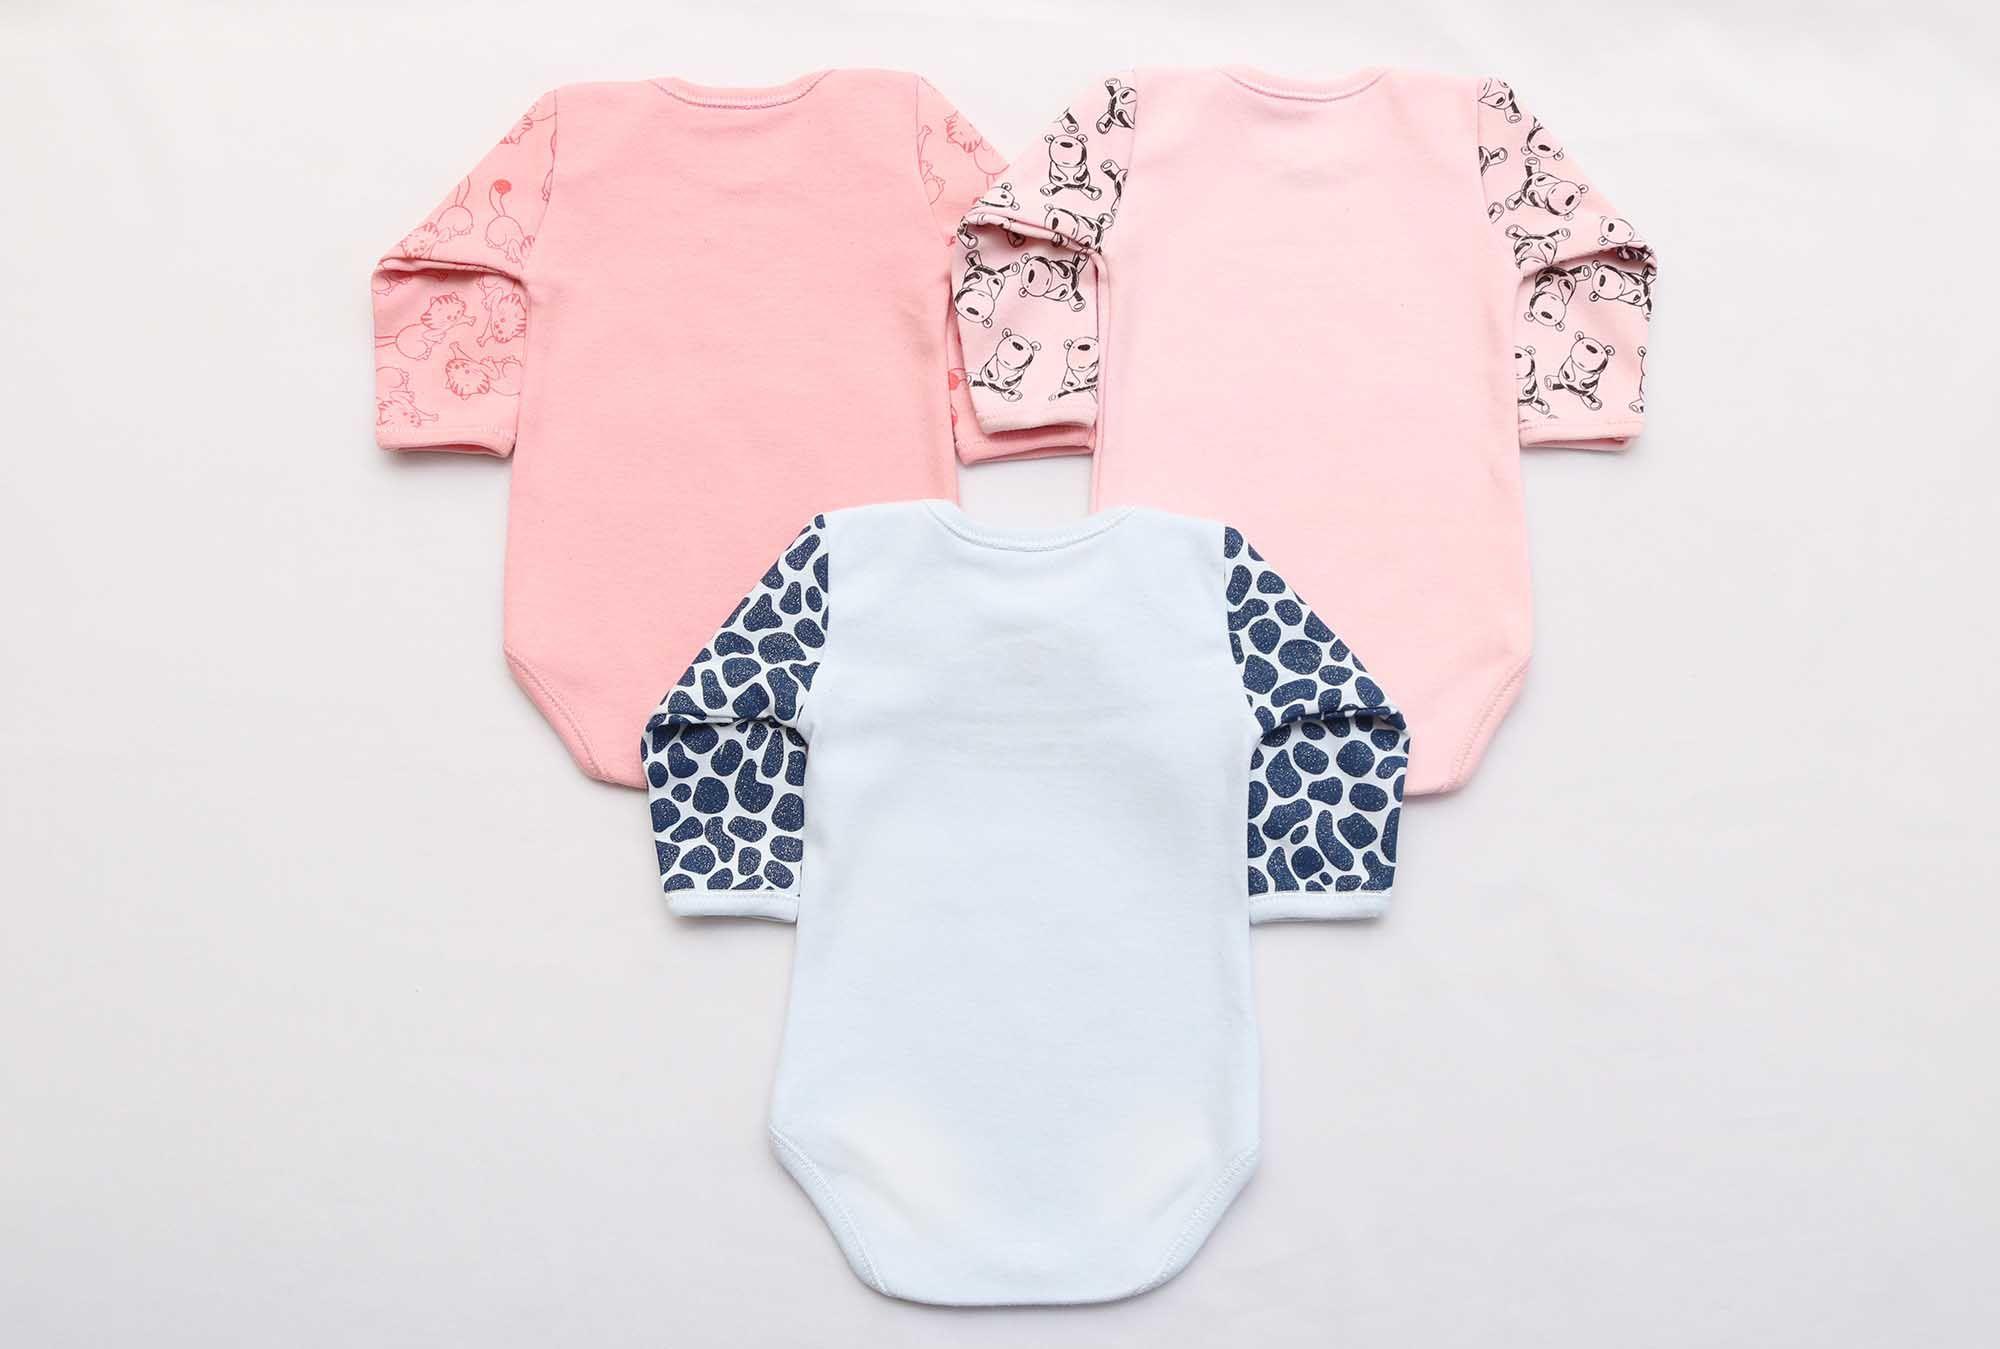 Kit Body Bebê 3 Peças Menina Mescla e Rosa Família